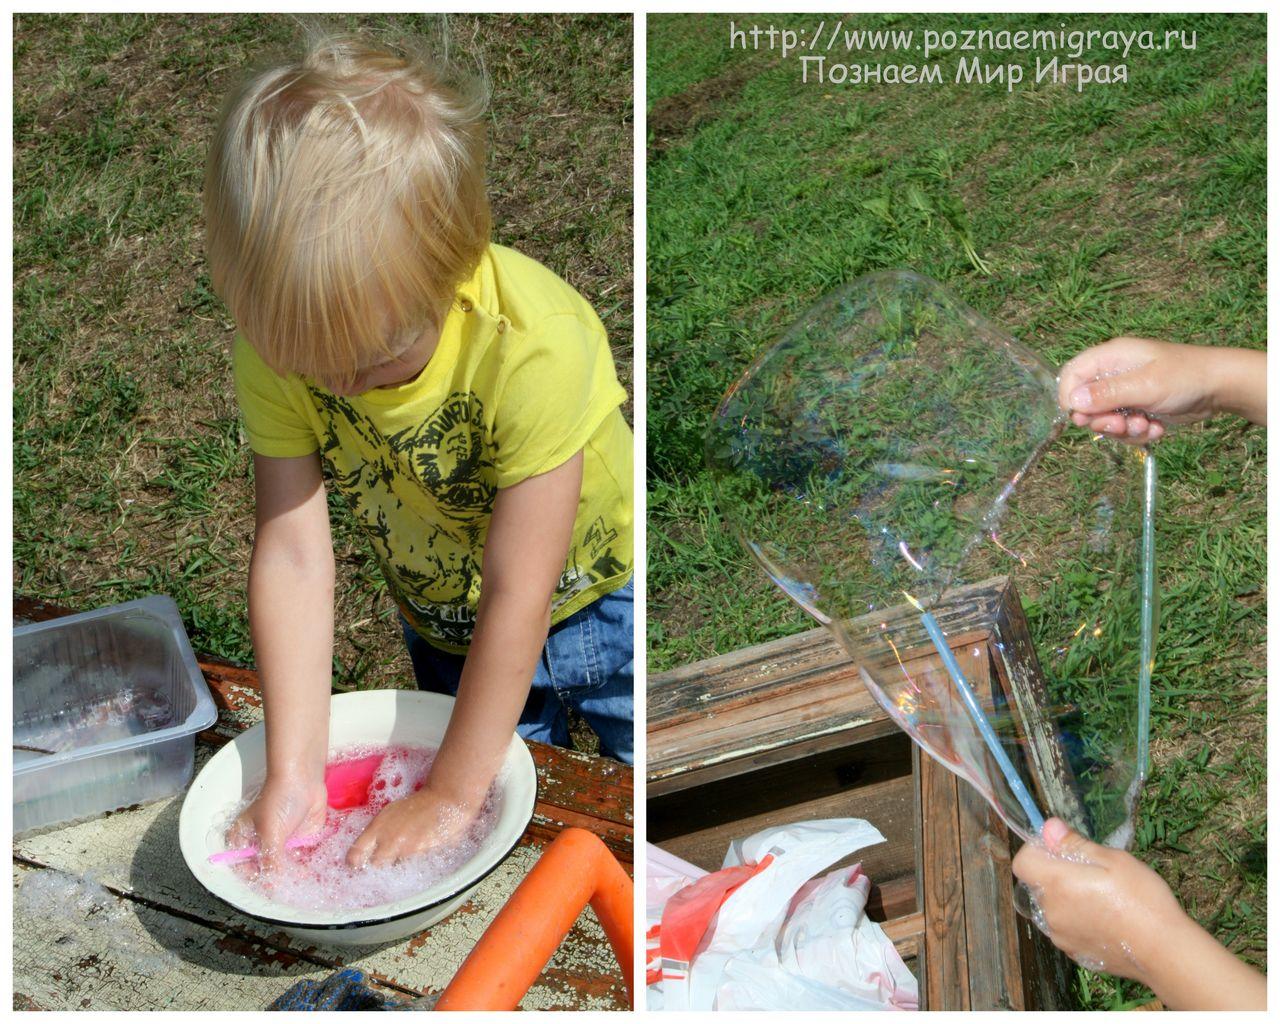 Как сделать мыльные пузыри в домашних условиях: 7 рецептов 55